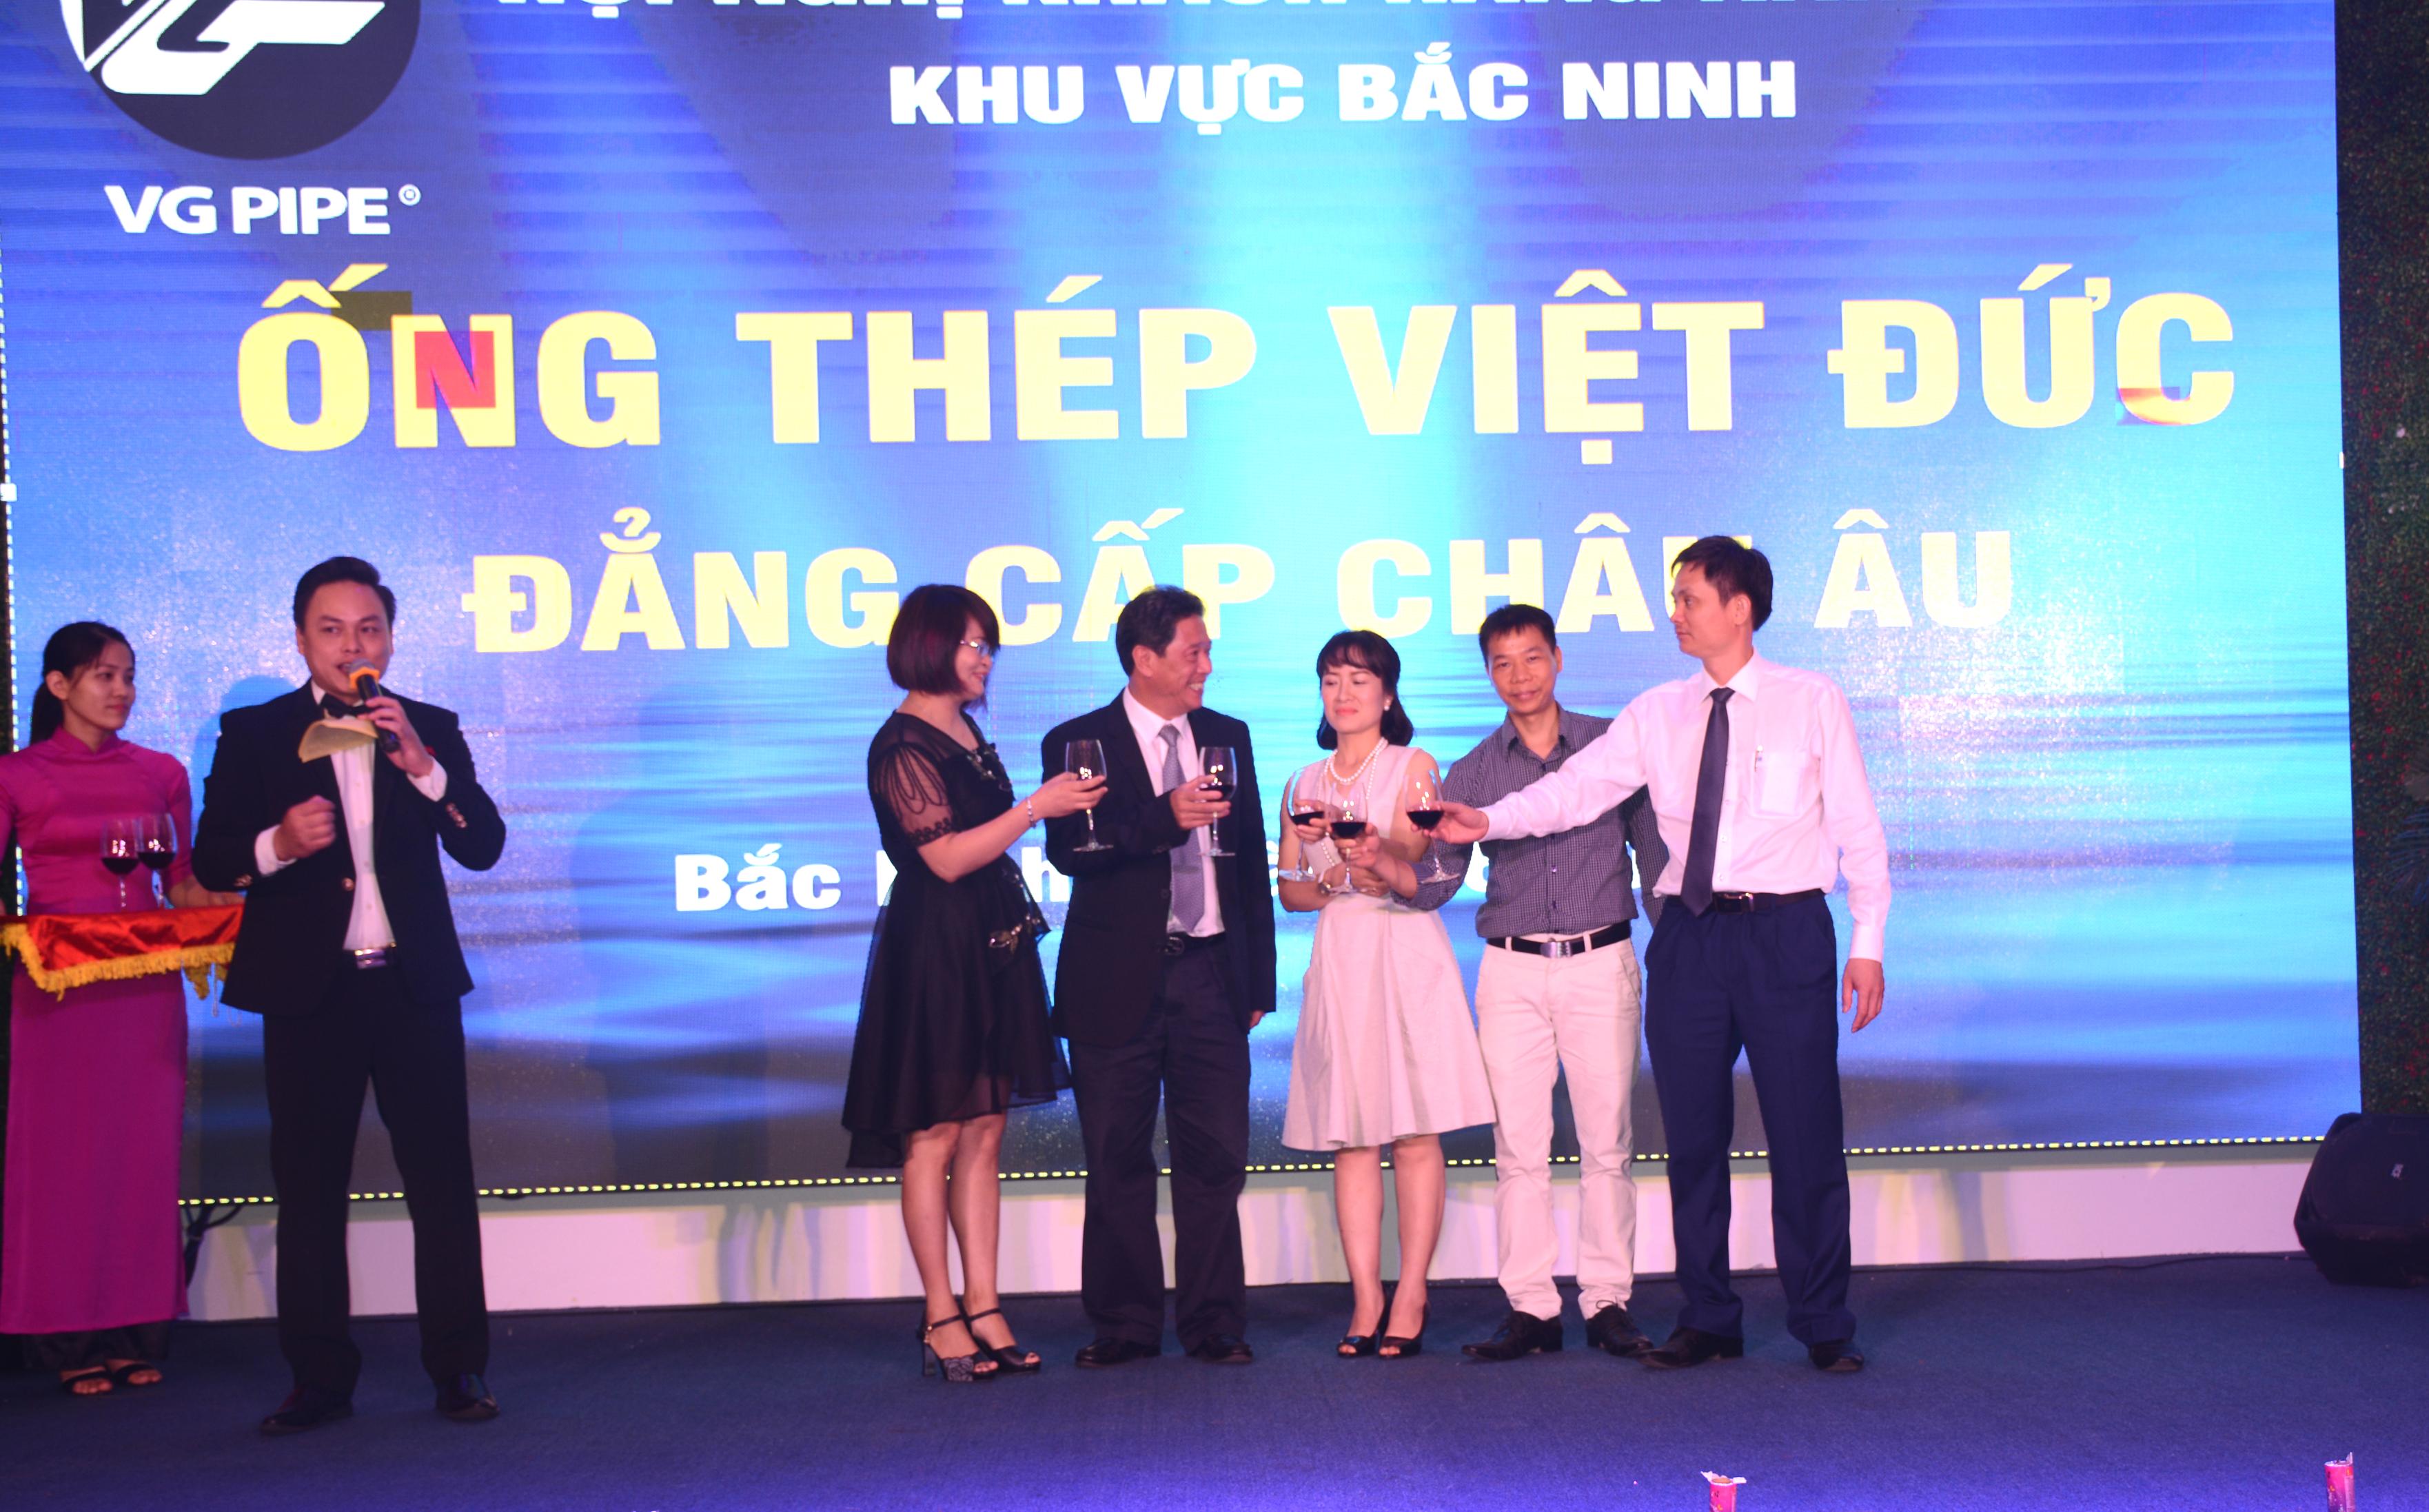 Hội nghị Khách hàng năm 2017 - Khu vực Bắc Ninh